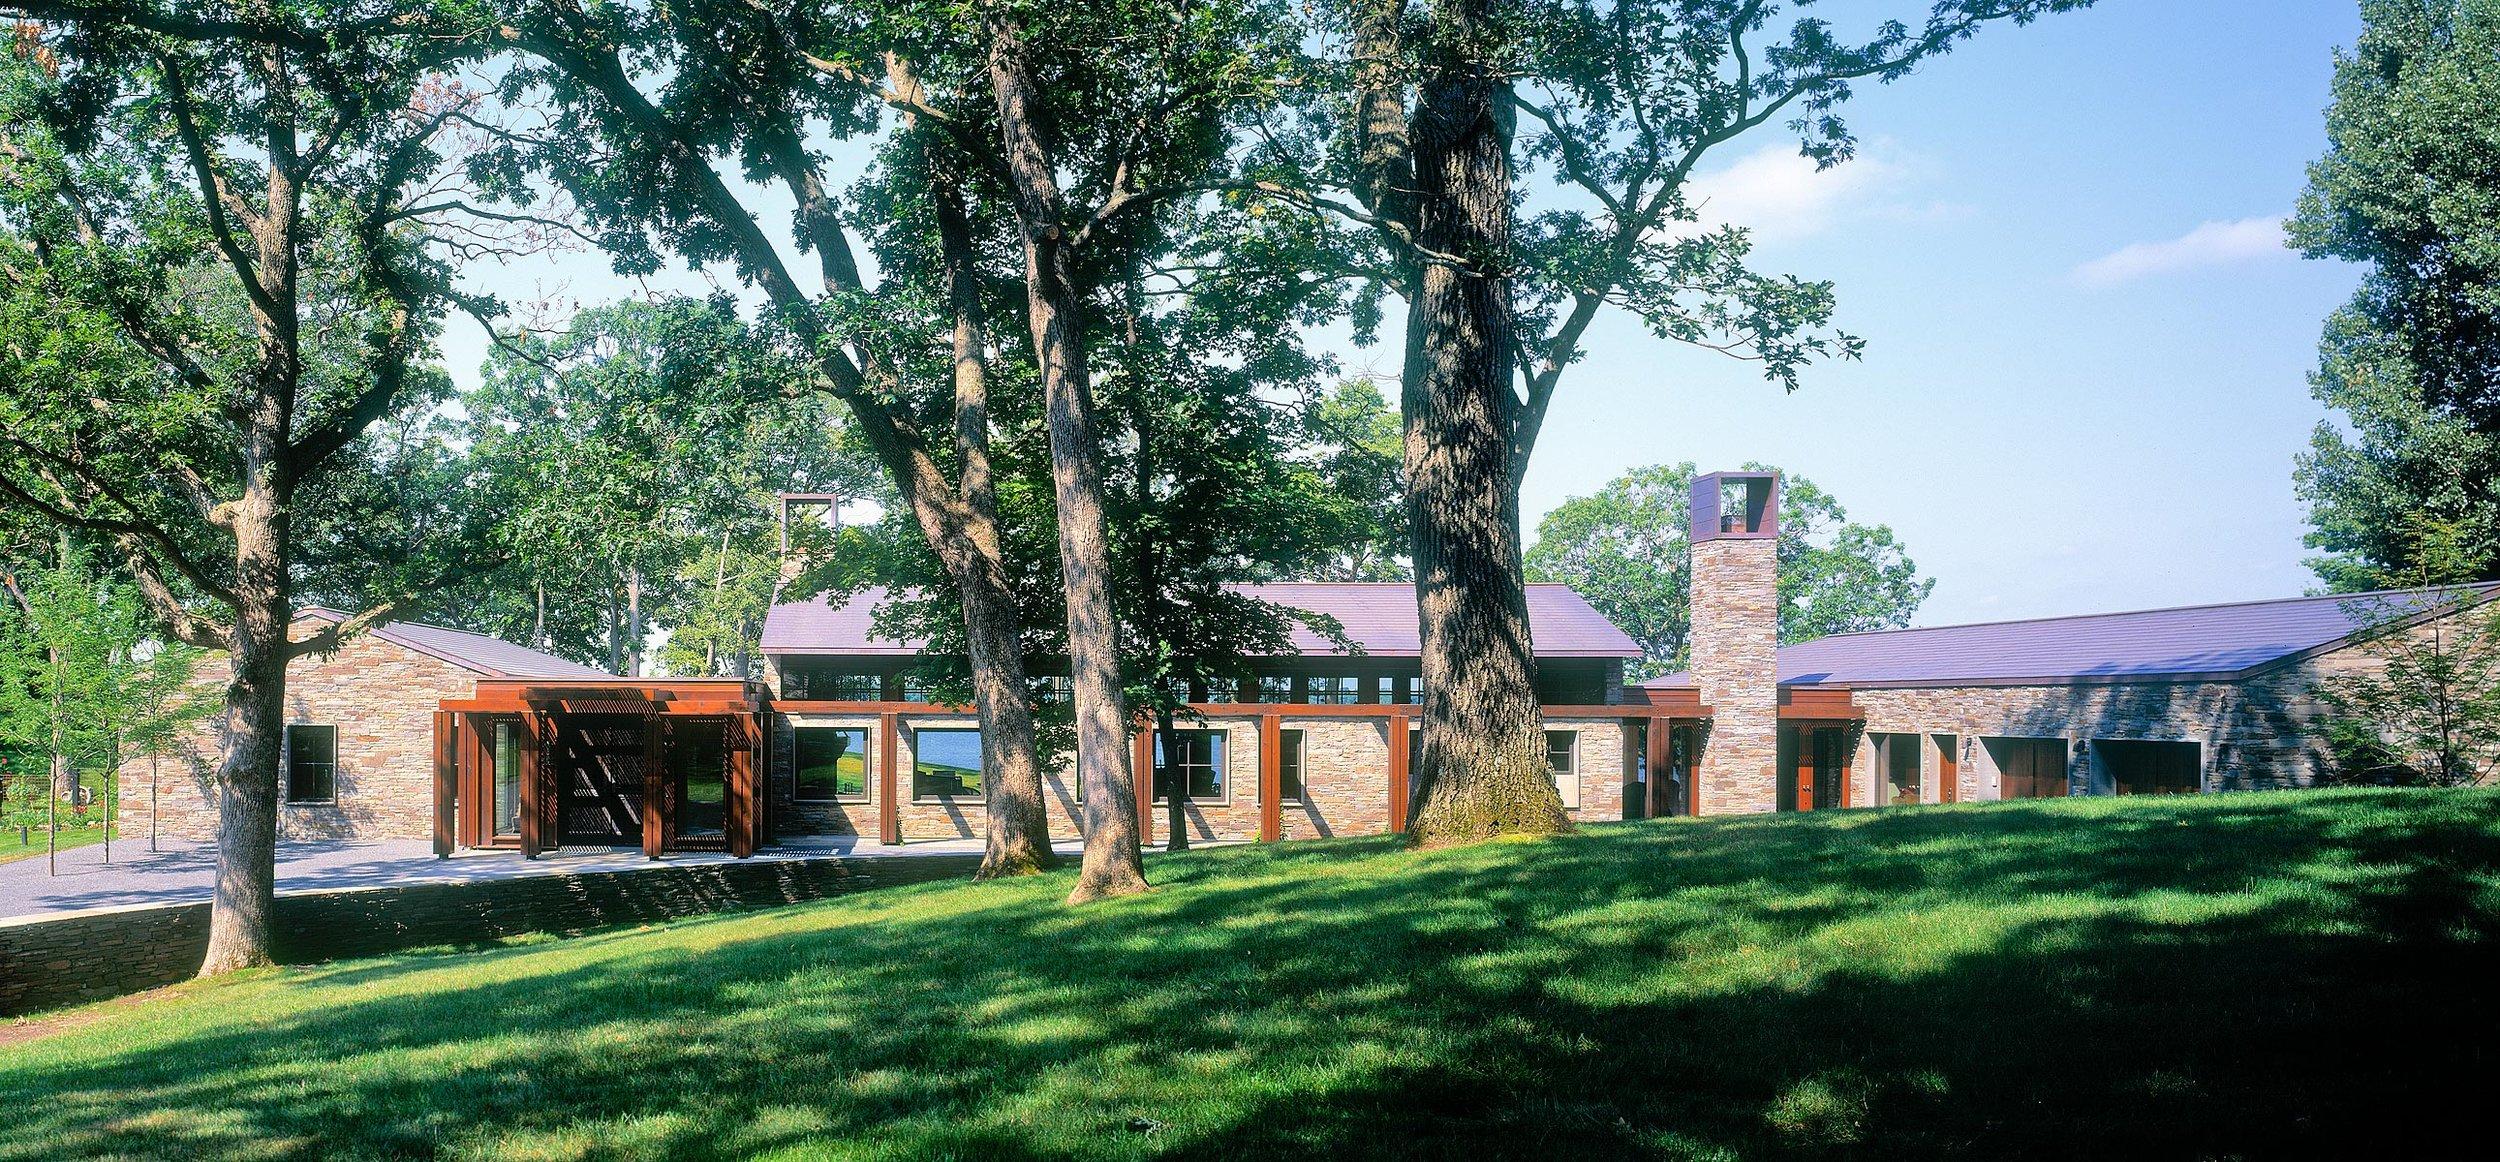 white-bear-lake-residence-altus-2c.jpg